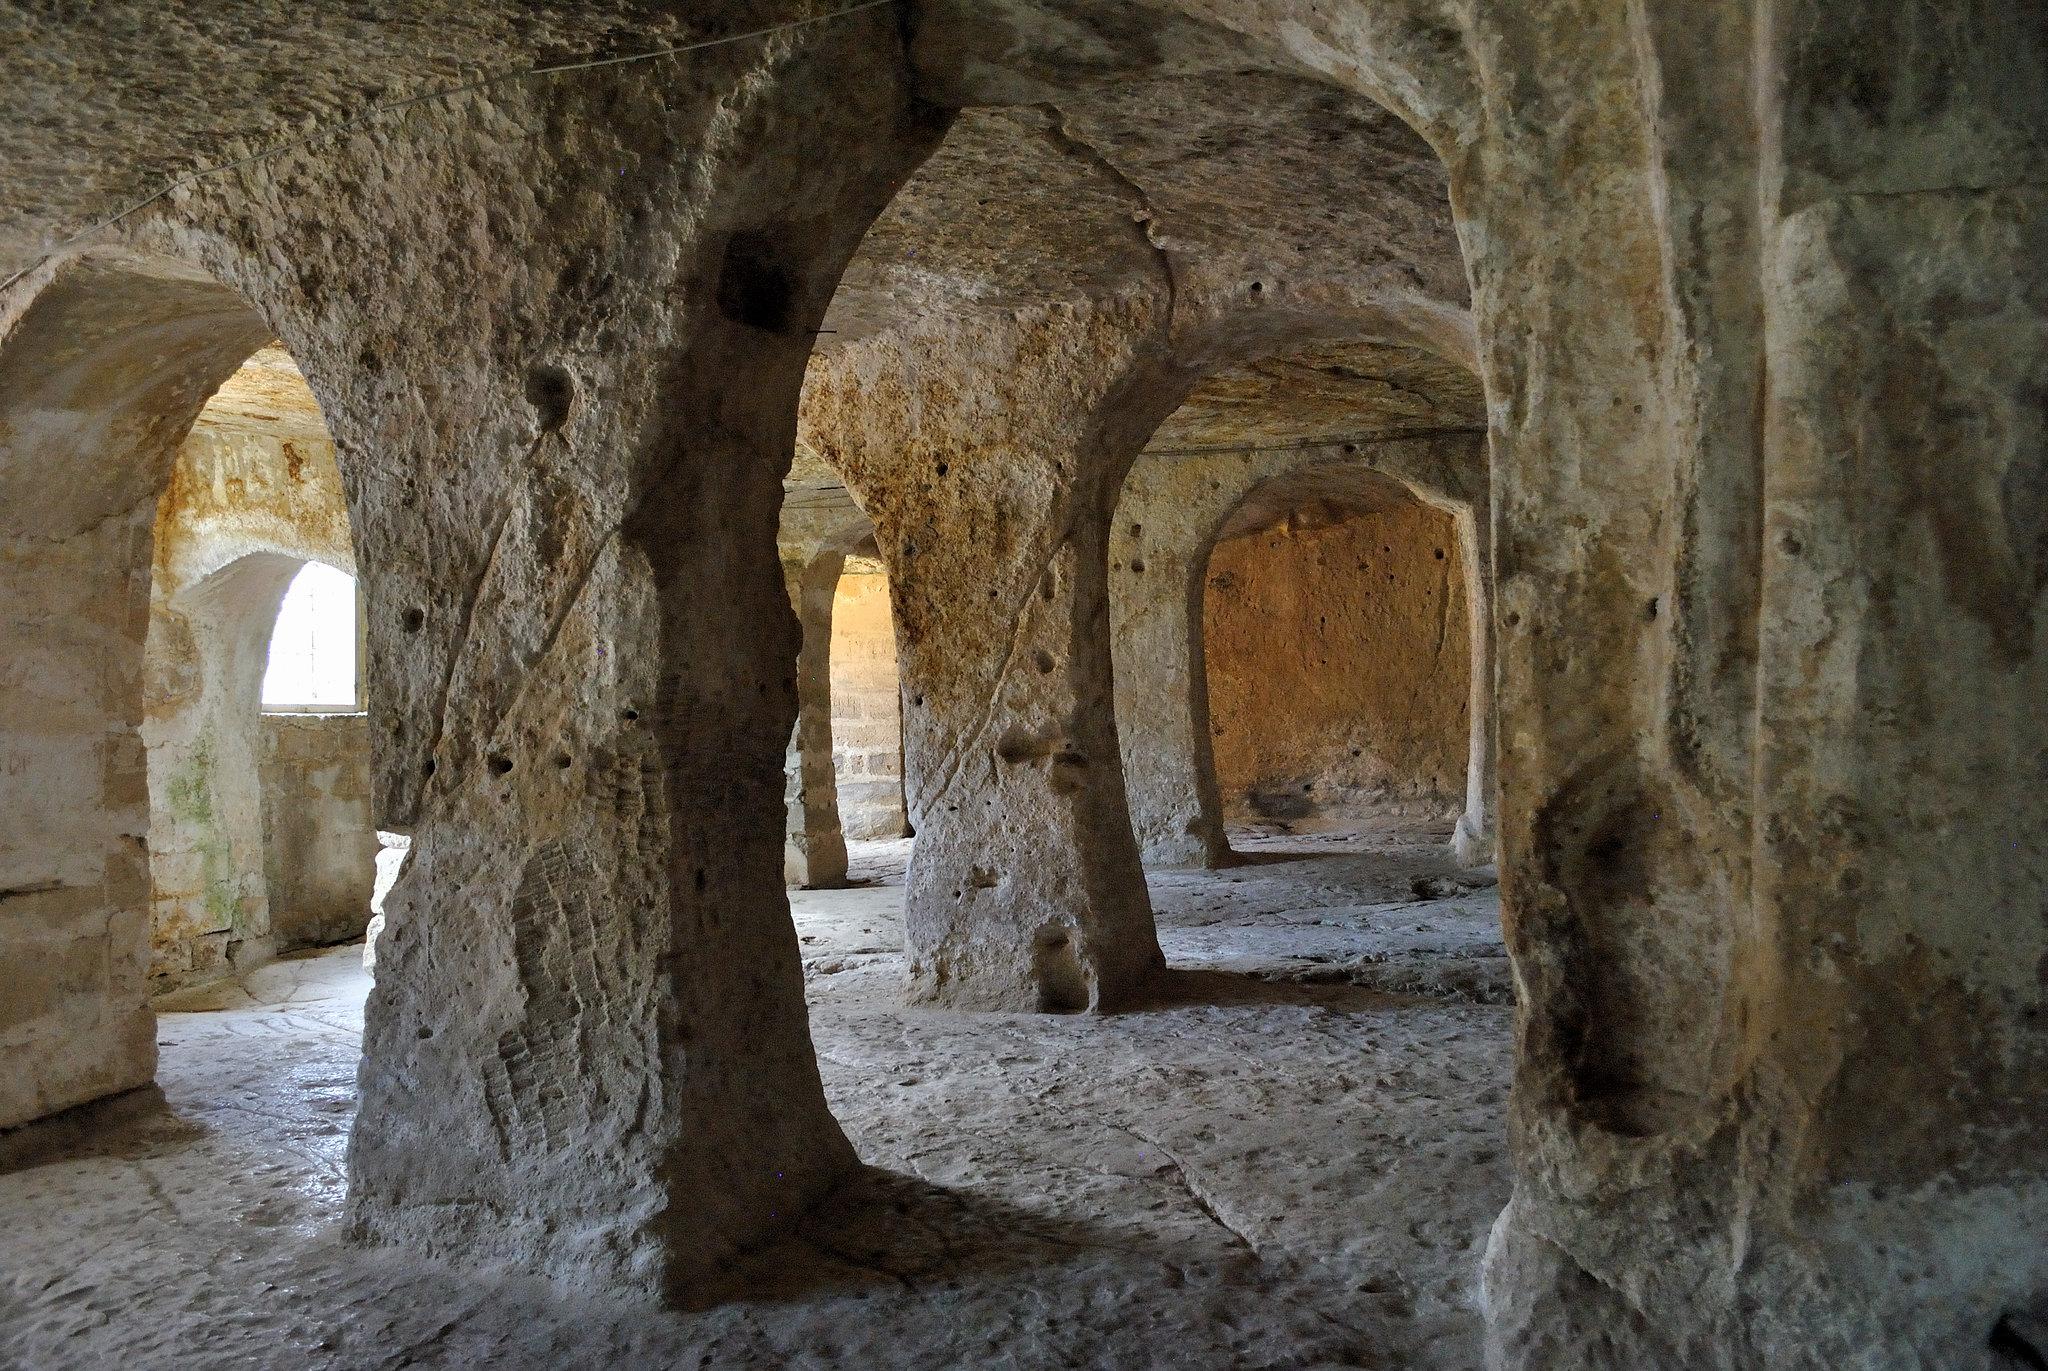 Le chiese sotterranee di Gravina di Puglia